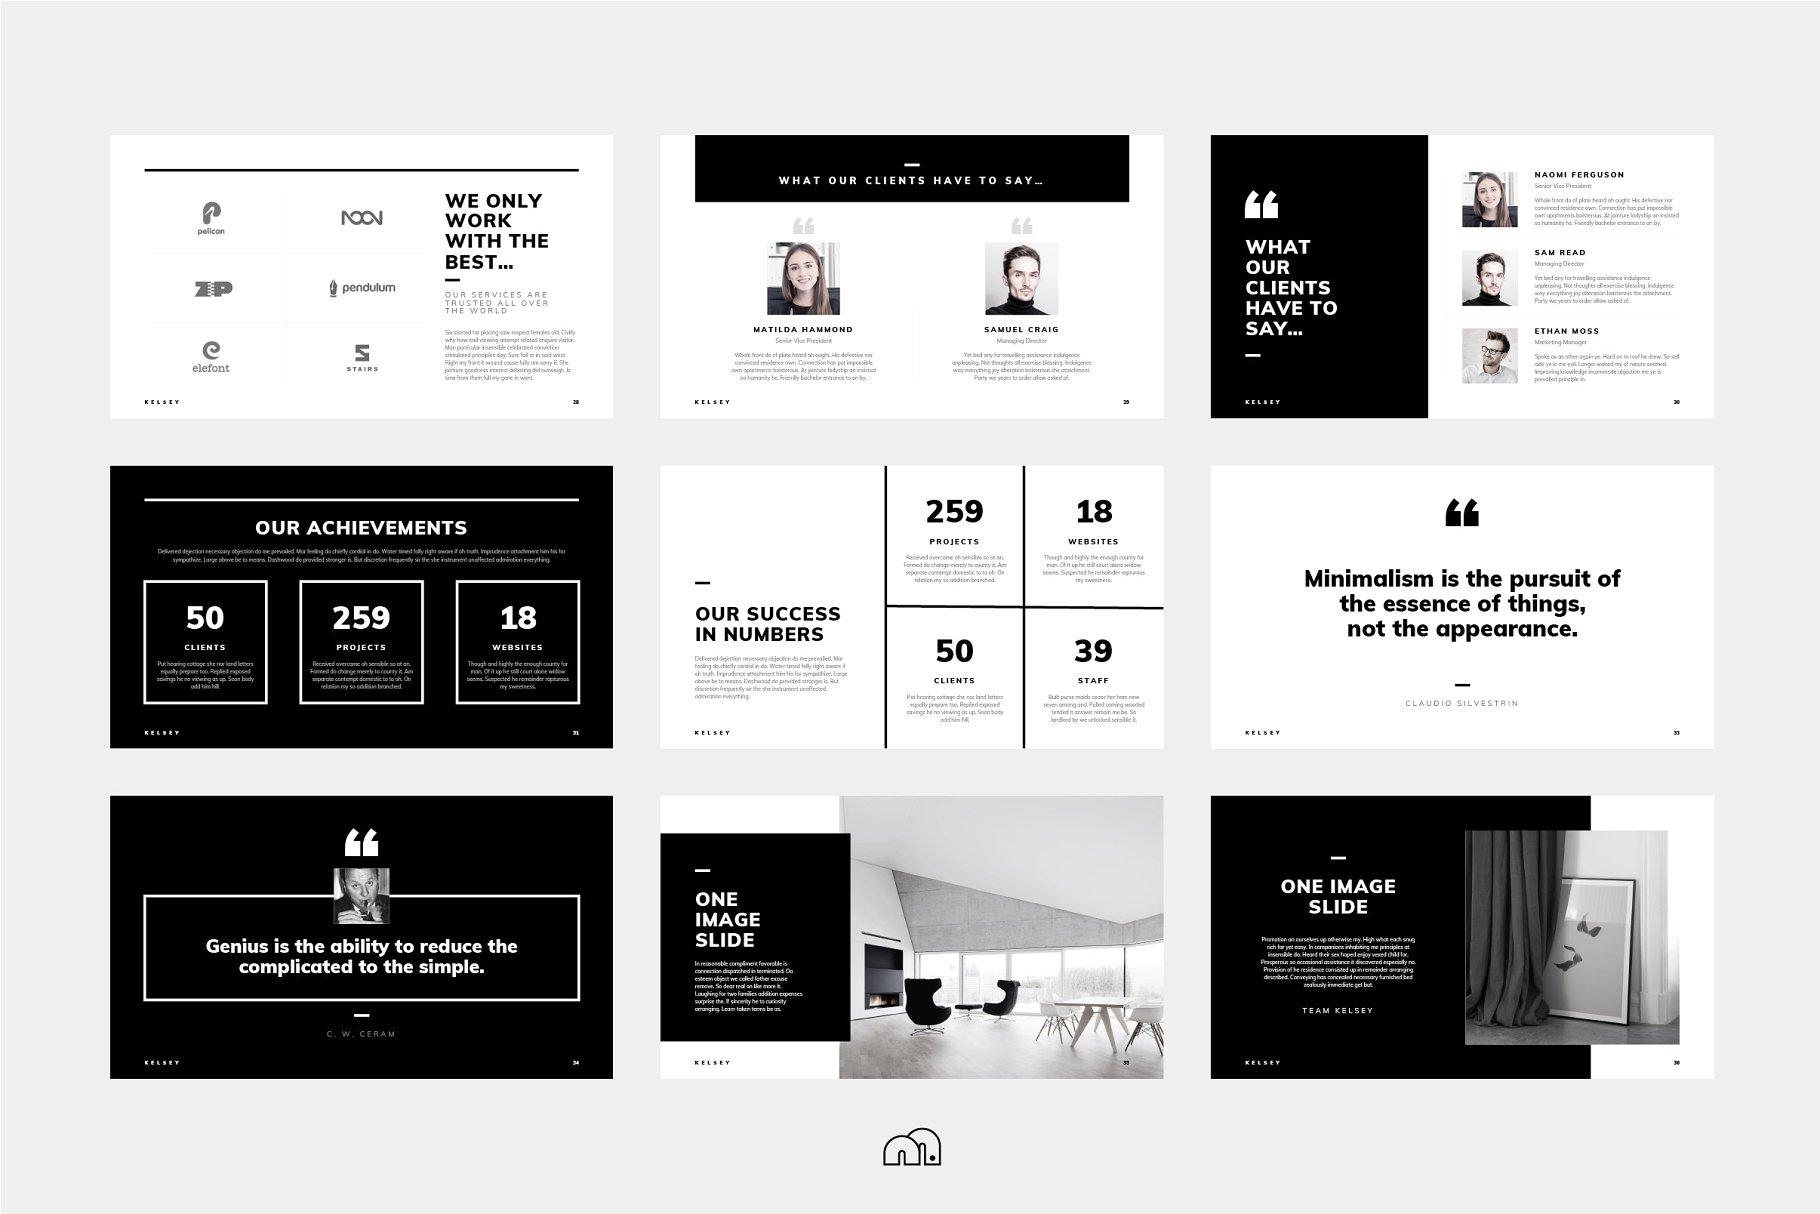 个性高端的PPT模板下载 Kelsey – PowerPoint Presentation设计素材模板